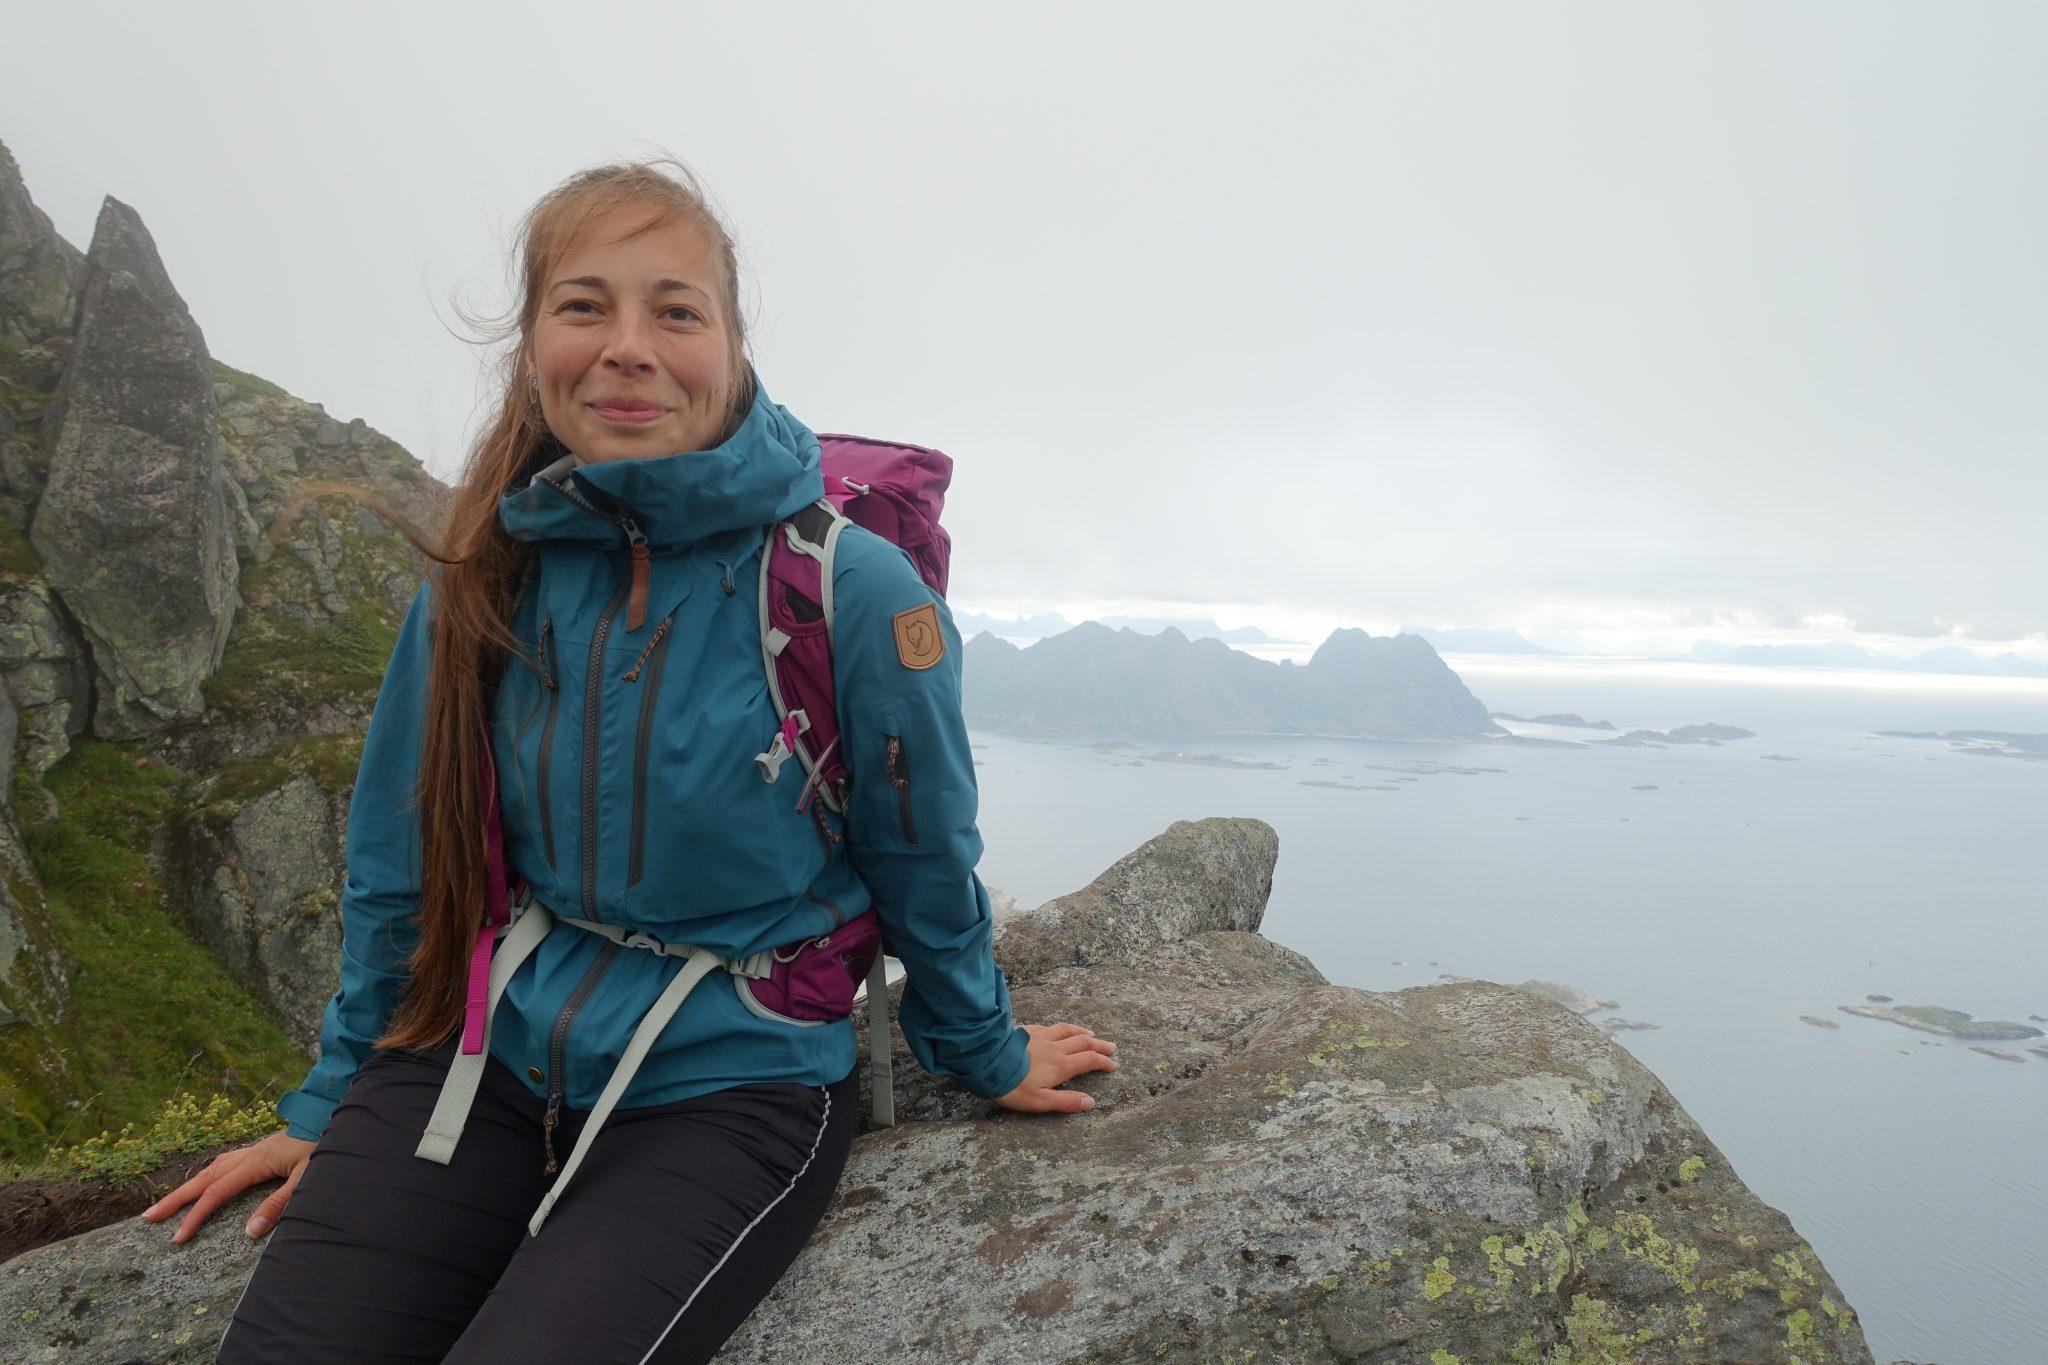 Nuori nainen hymyilee istuessaan korkean vuoren reunalla Norjan vuoristossa Lofotenilla.